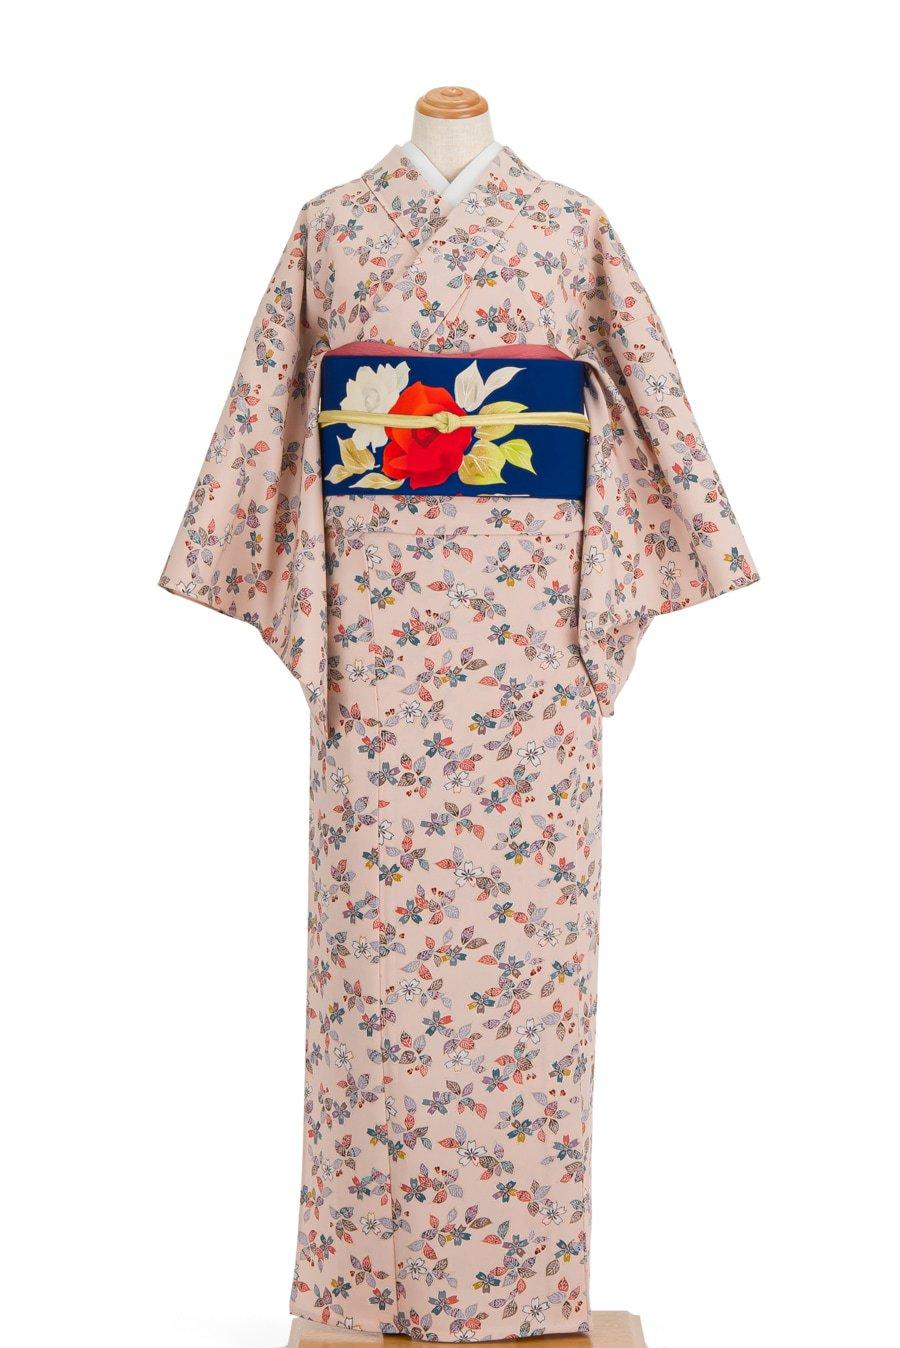 「単衣 小ぶりの桜」の商品画像